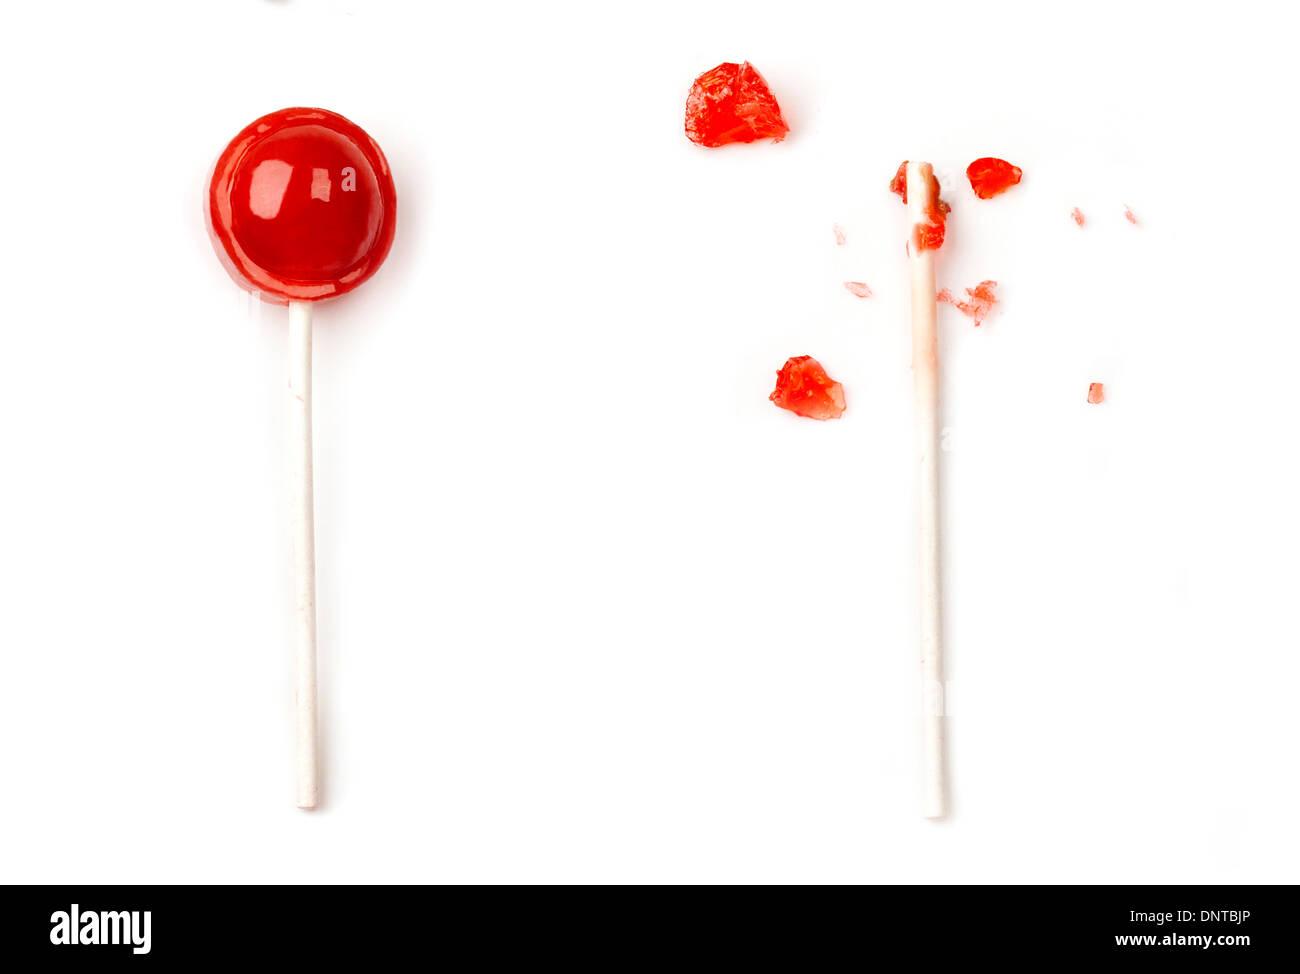 Comido tootsie roll pop Imagens de Stock